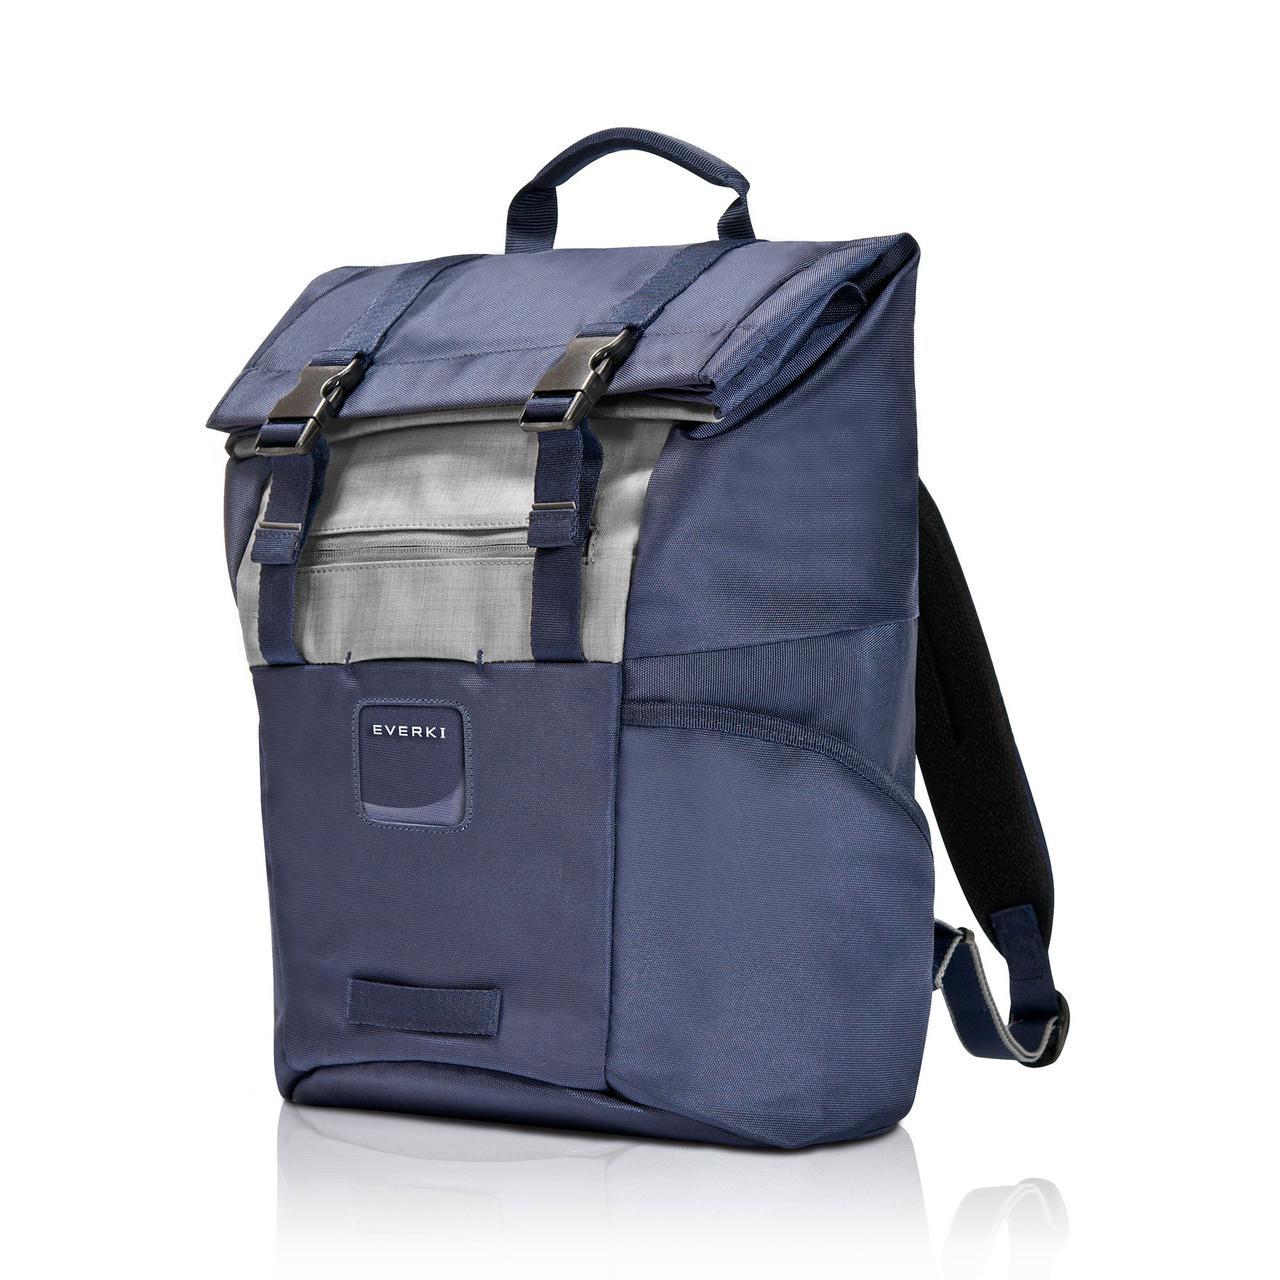 Рюкзак для ноутбука Everki kontem pro navy с системой roll top и уникальным дизайном